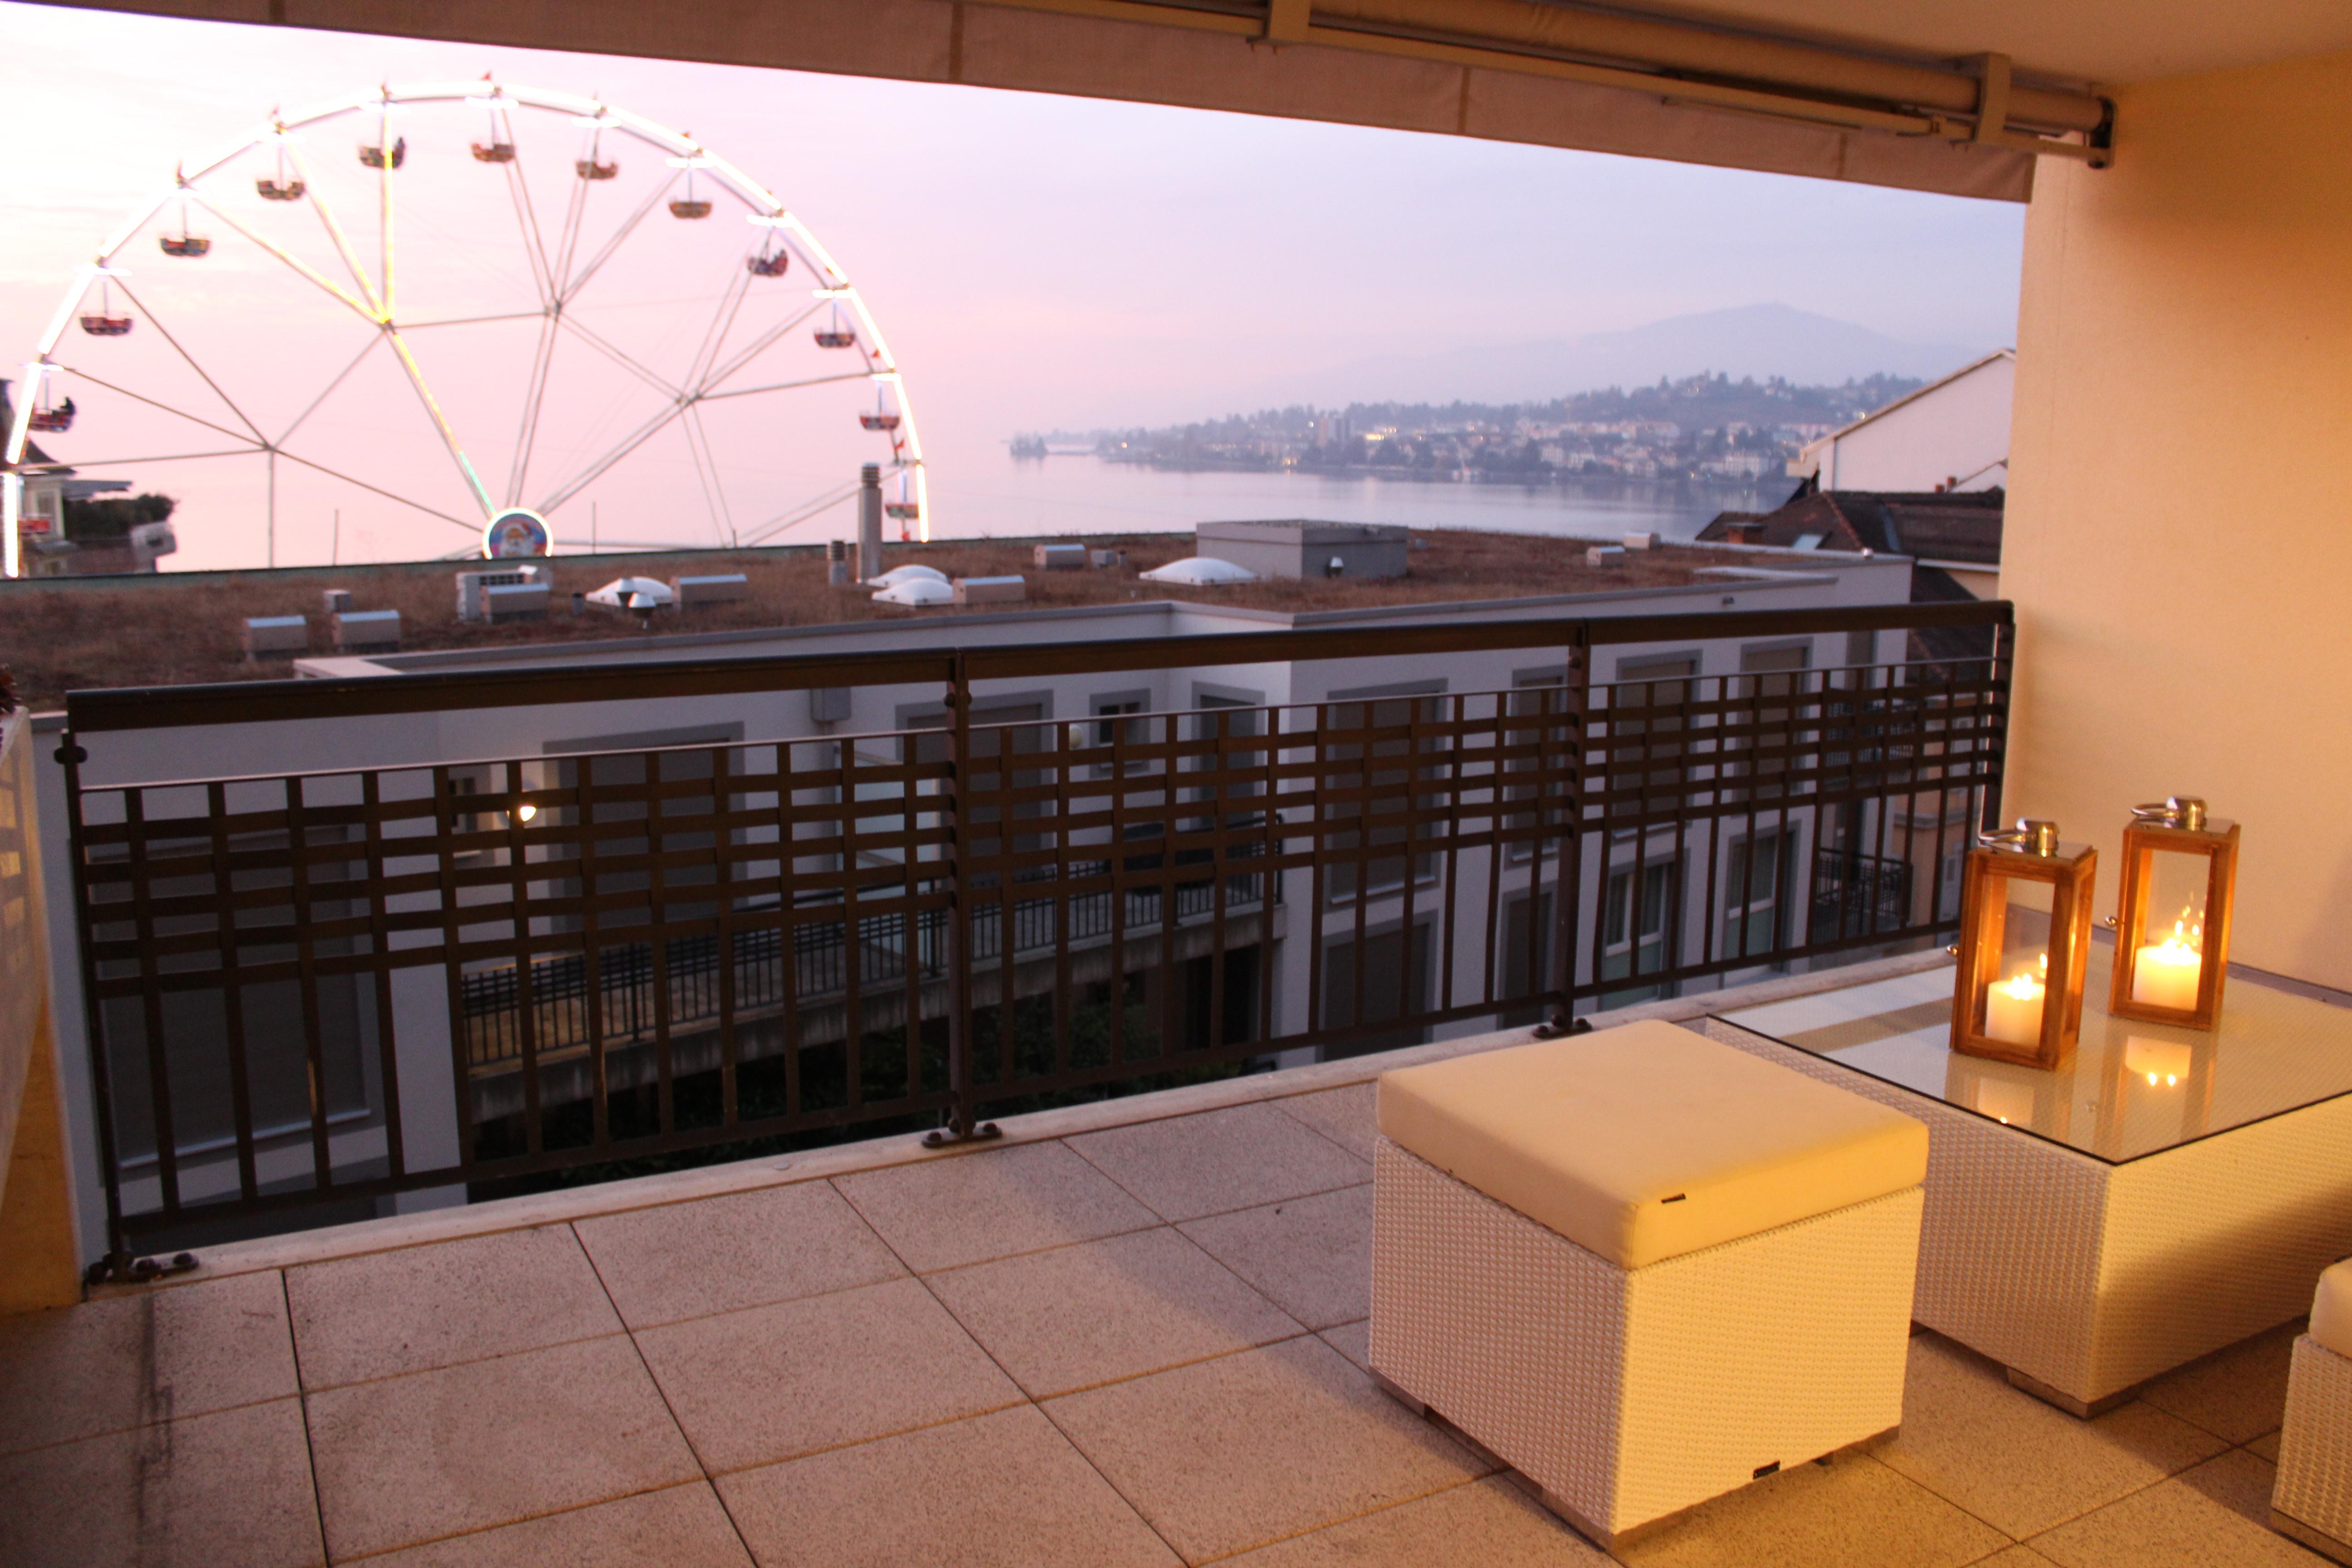 247 Concierge Montreux Lake View - 1 Bedroom Apt., Pays-d'Enhaut